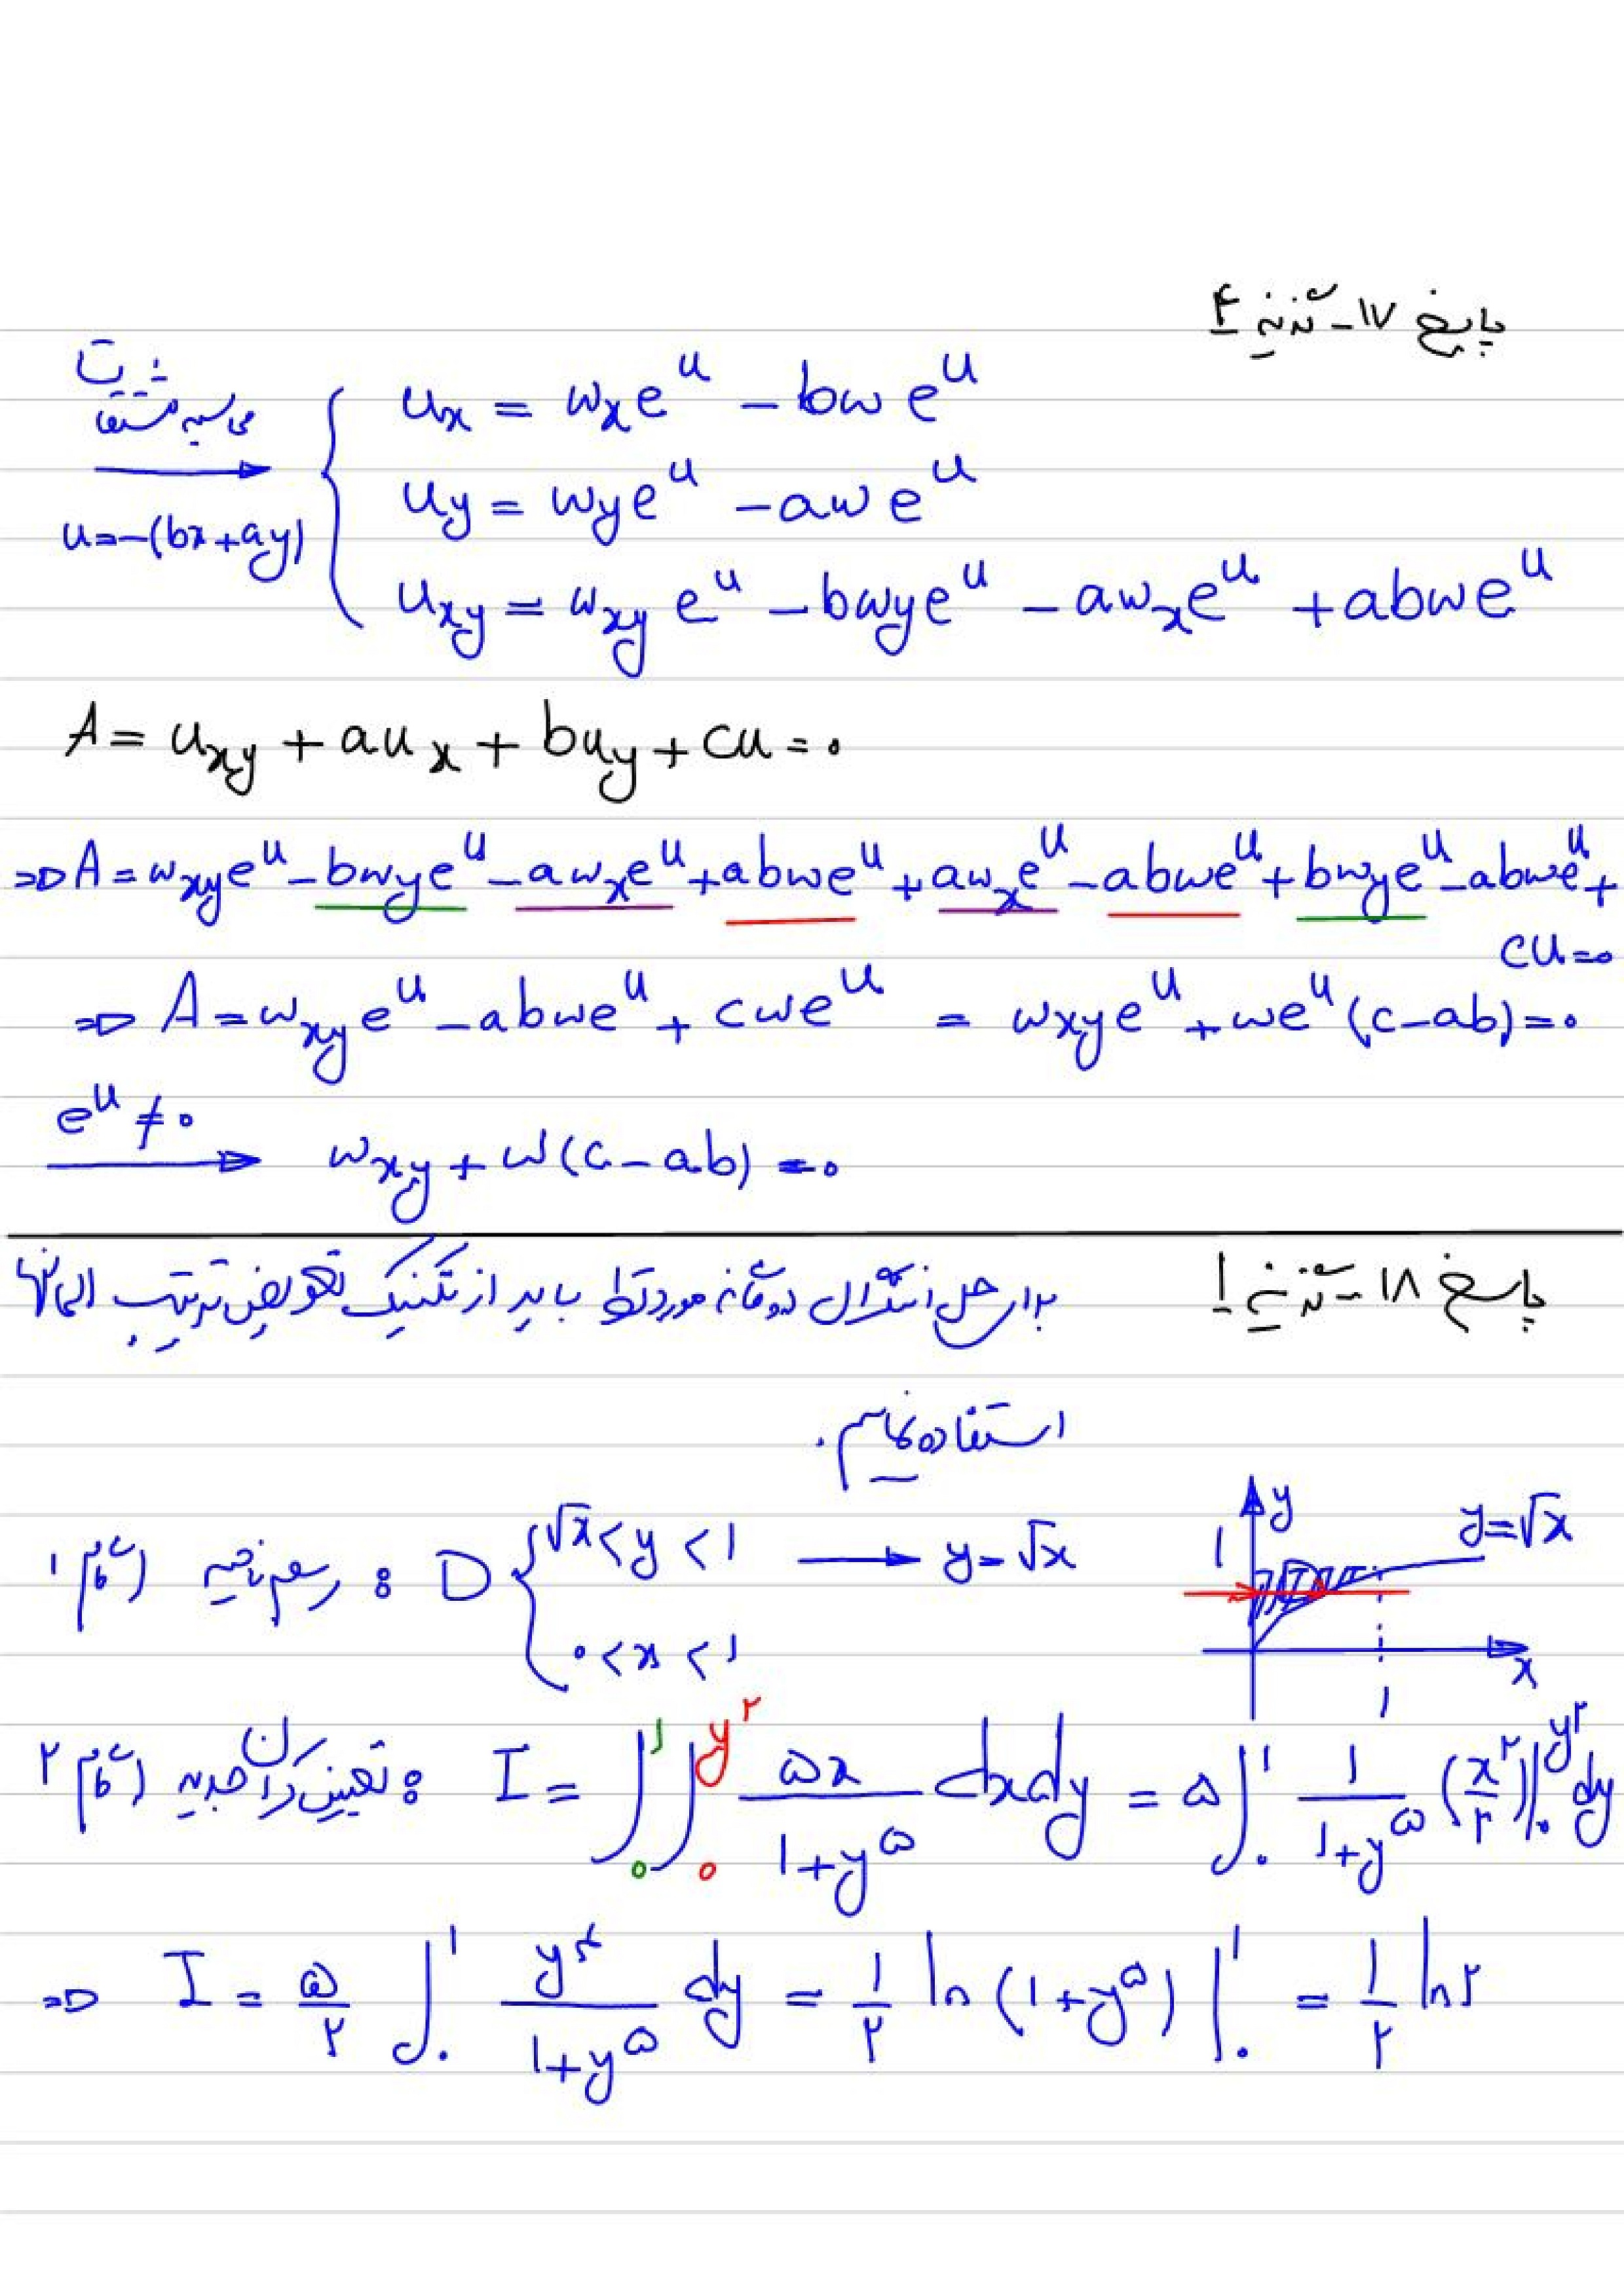 پاسخنامه تشریحی ریاضی عمومی 1و2 ارشد و دکتری